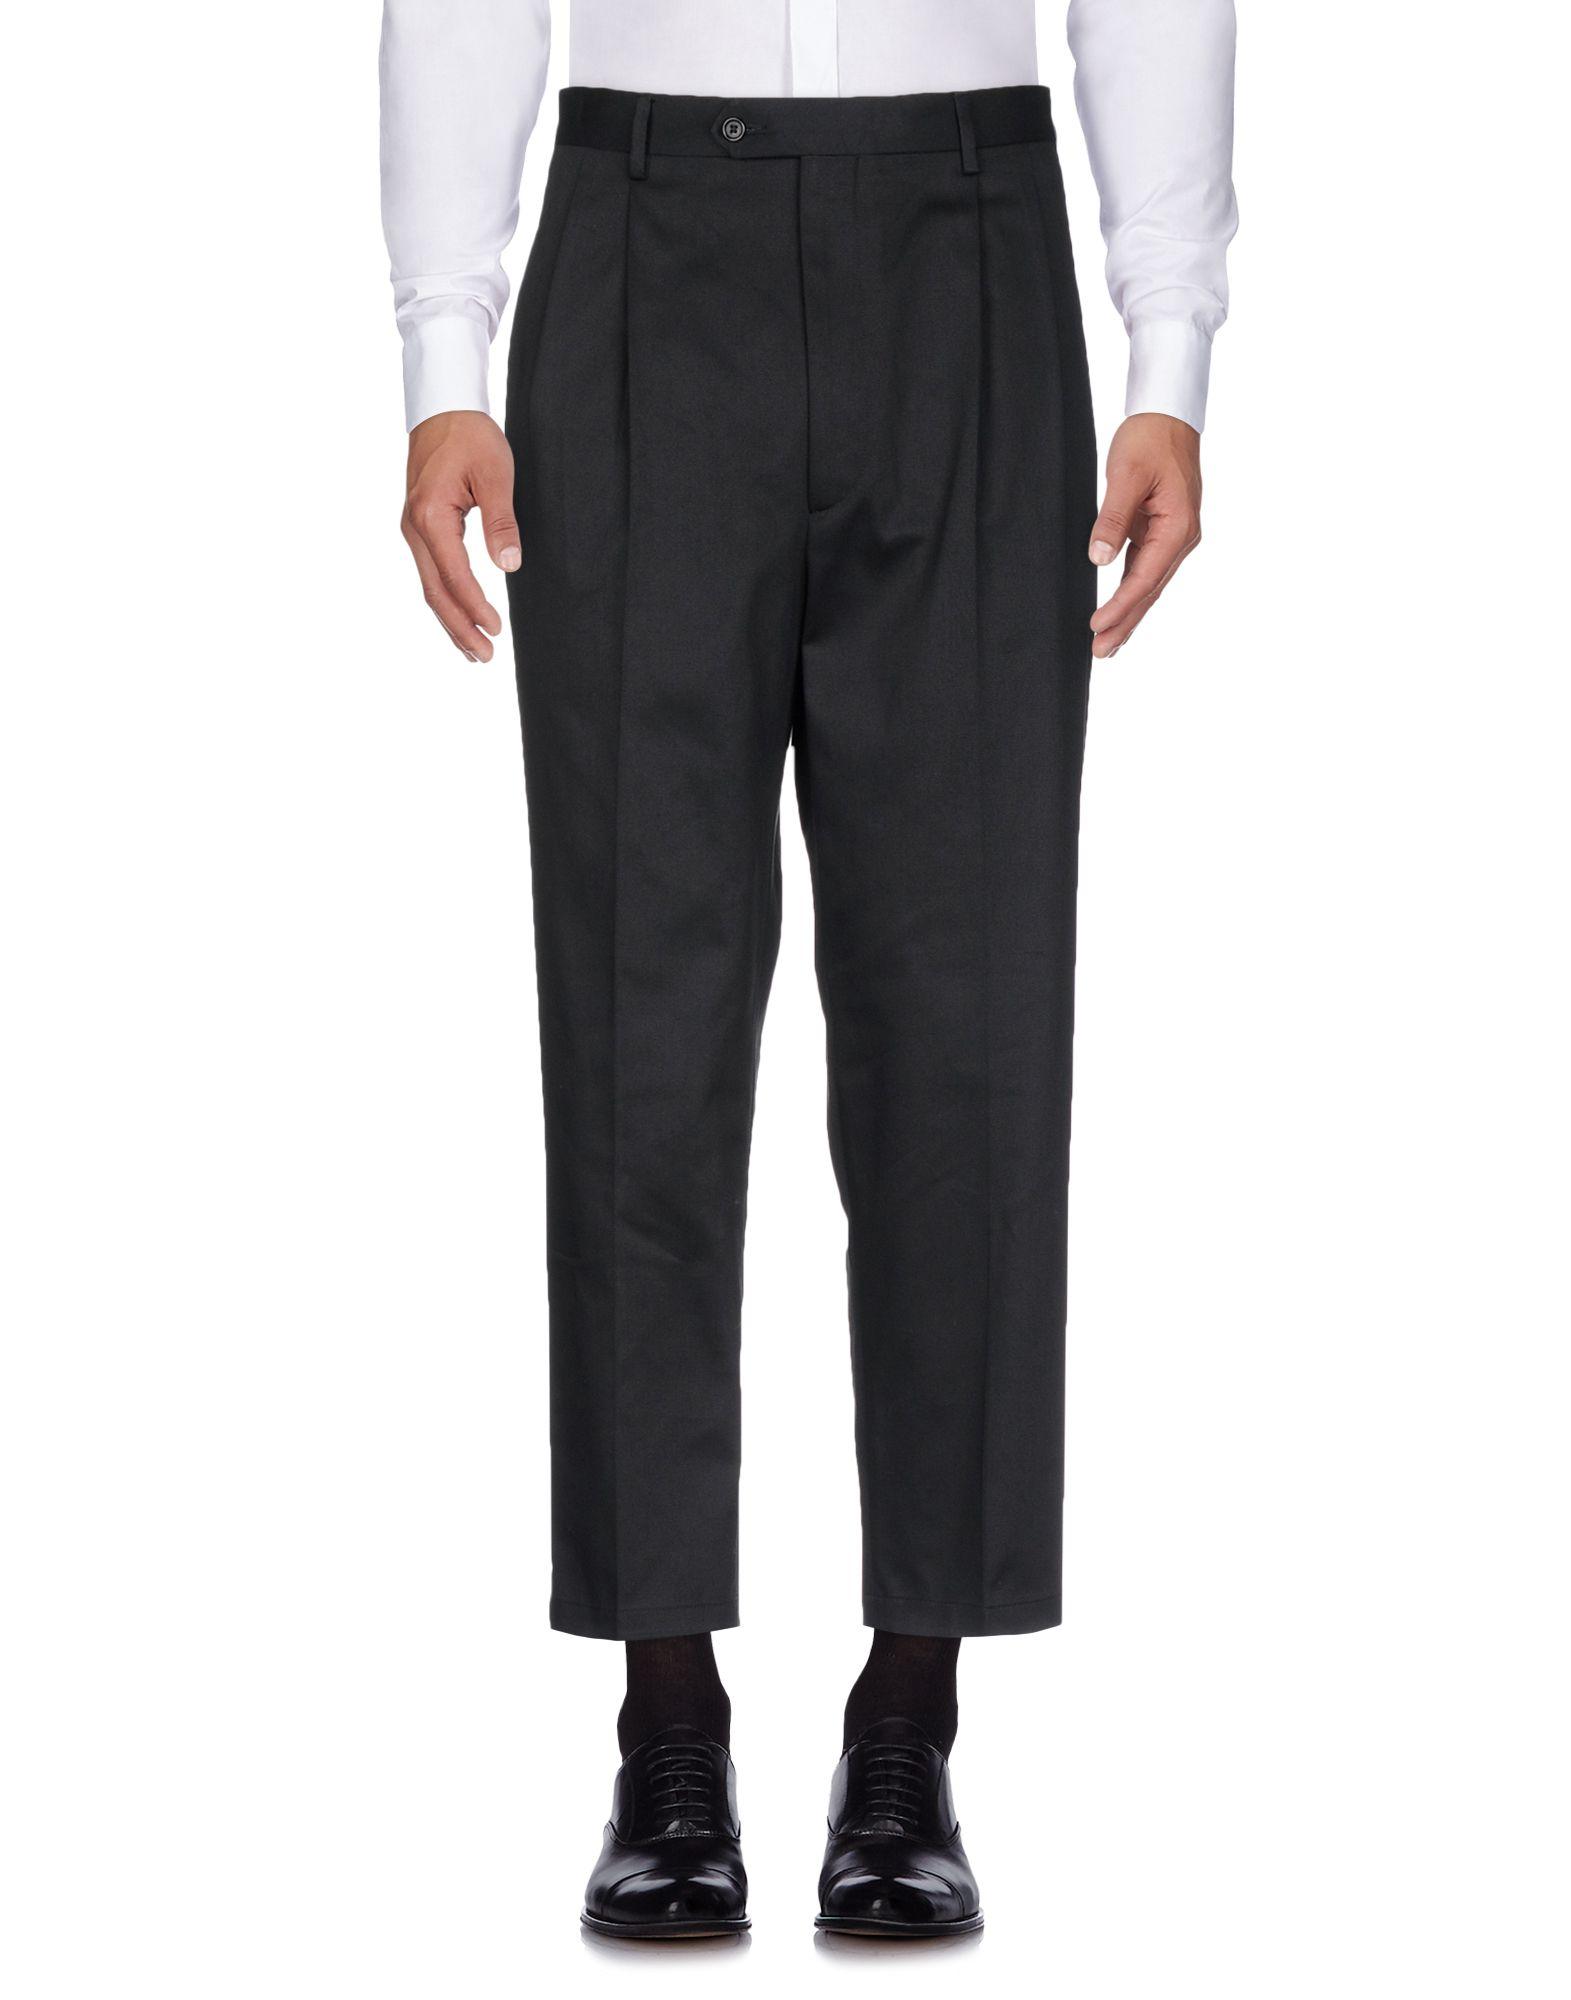 Pantalone Lc23 Donna - Acquista online su